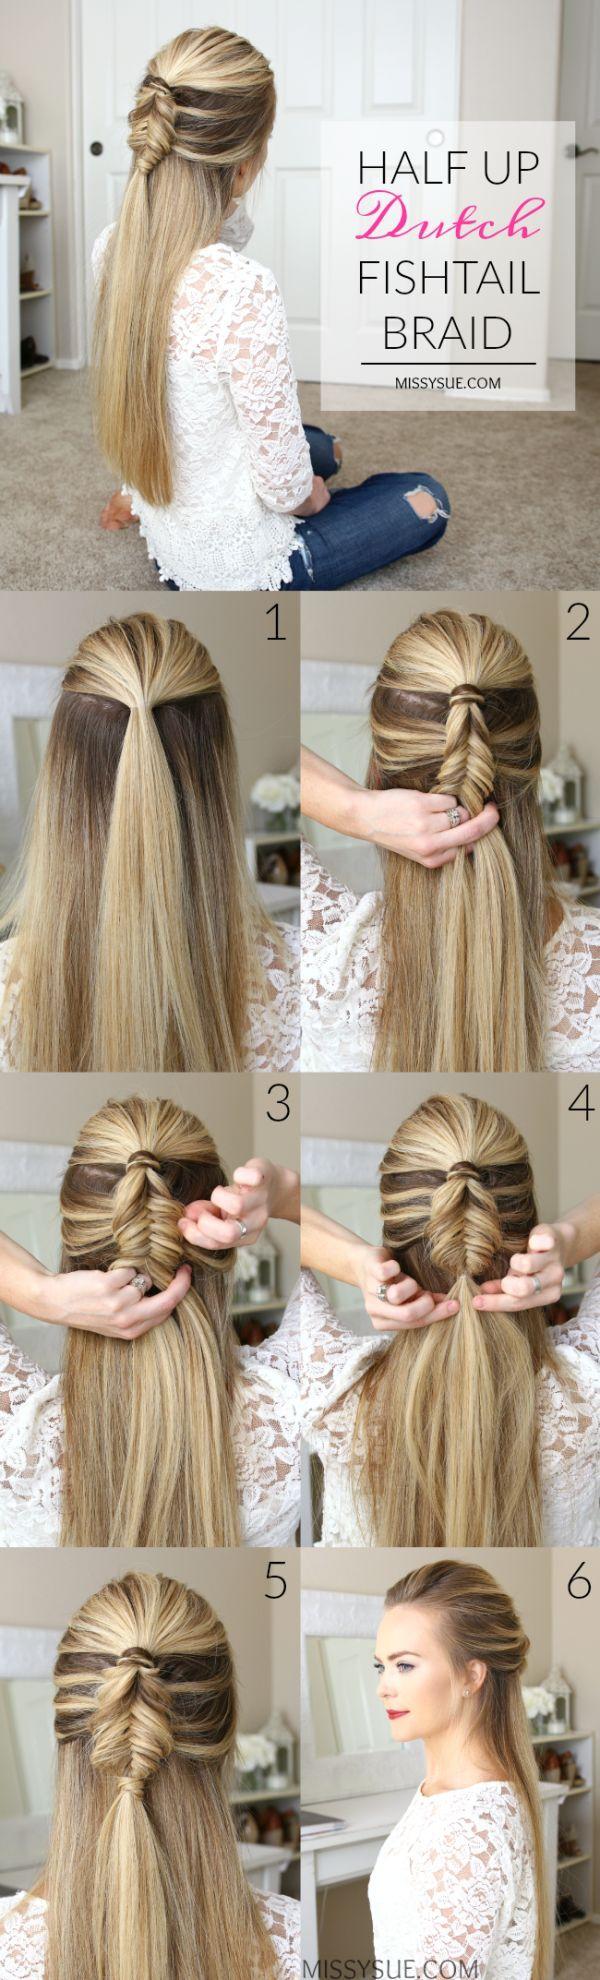 Half Up Mini Dutch Fishtail Braid Braided Hairstyles Tutorials